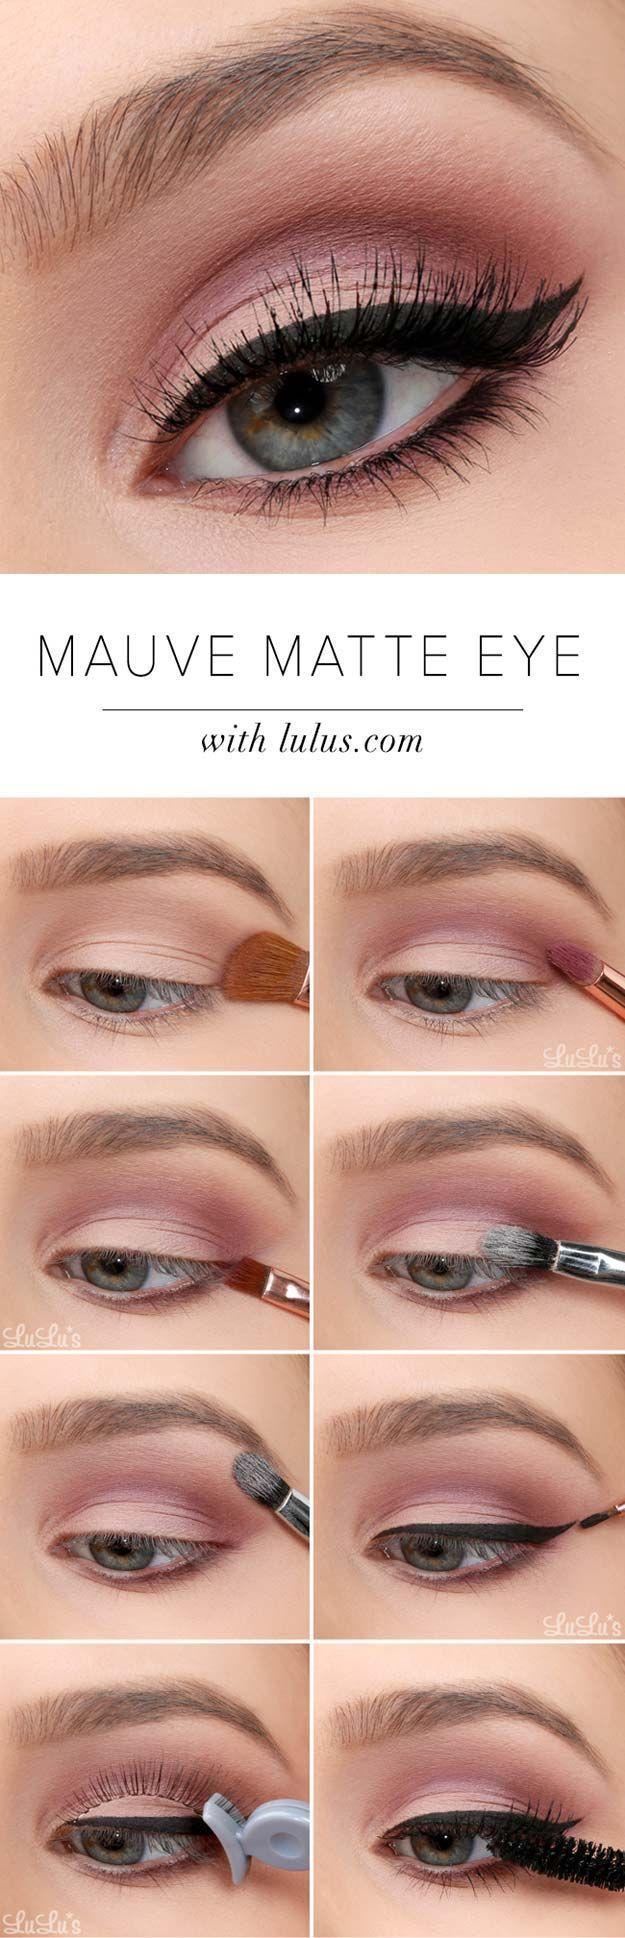 24 Prom Make-up Ideen | Lesen Sie für weitere Make-up-Ideen - Site Today #makeupprom